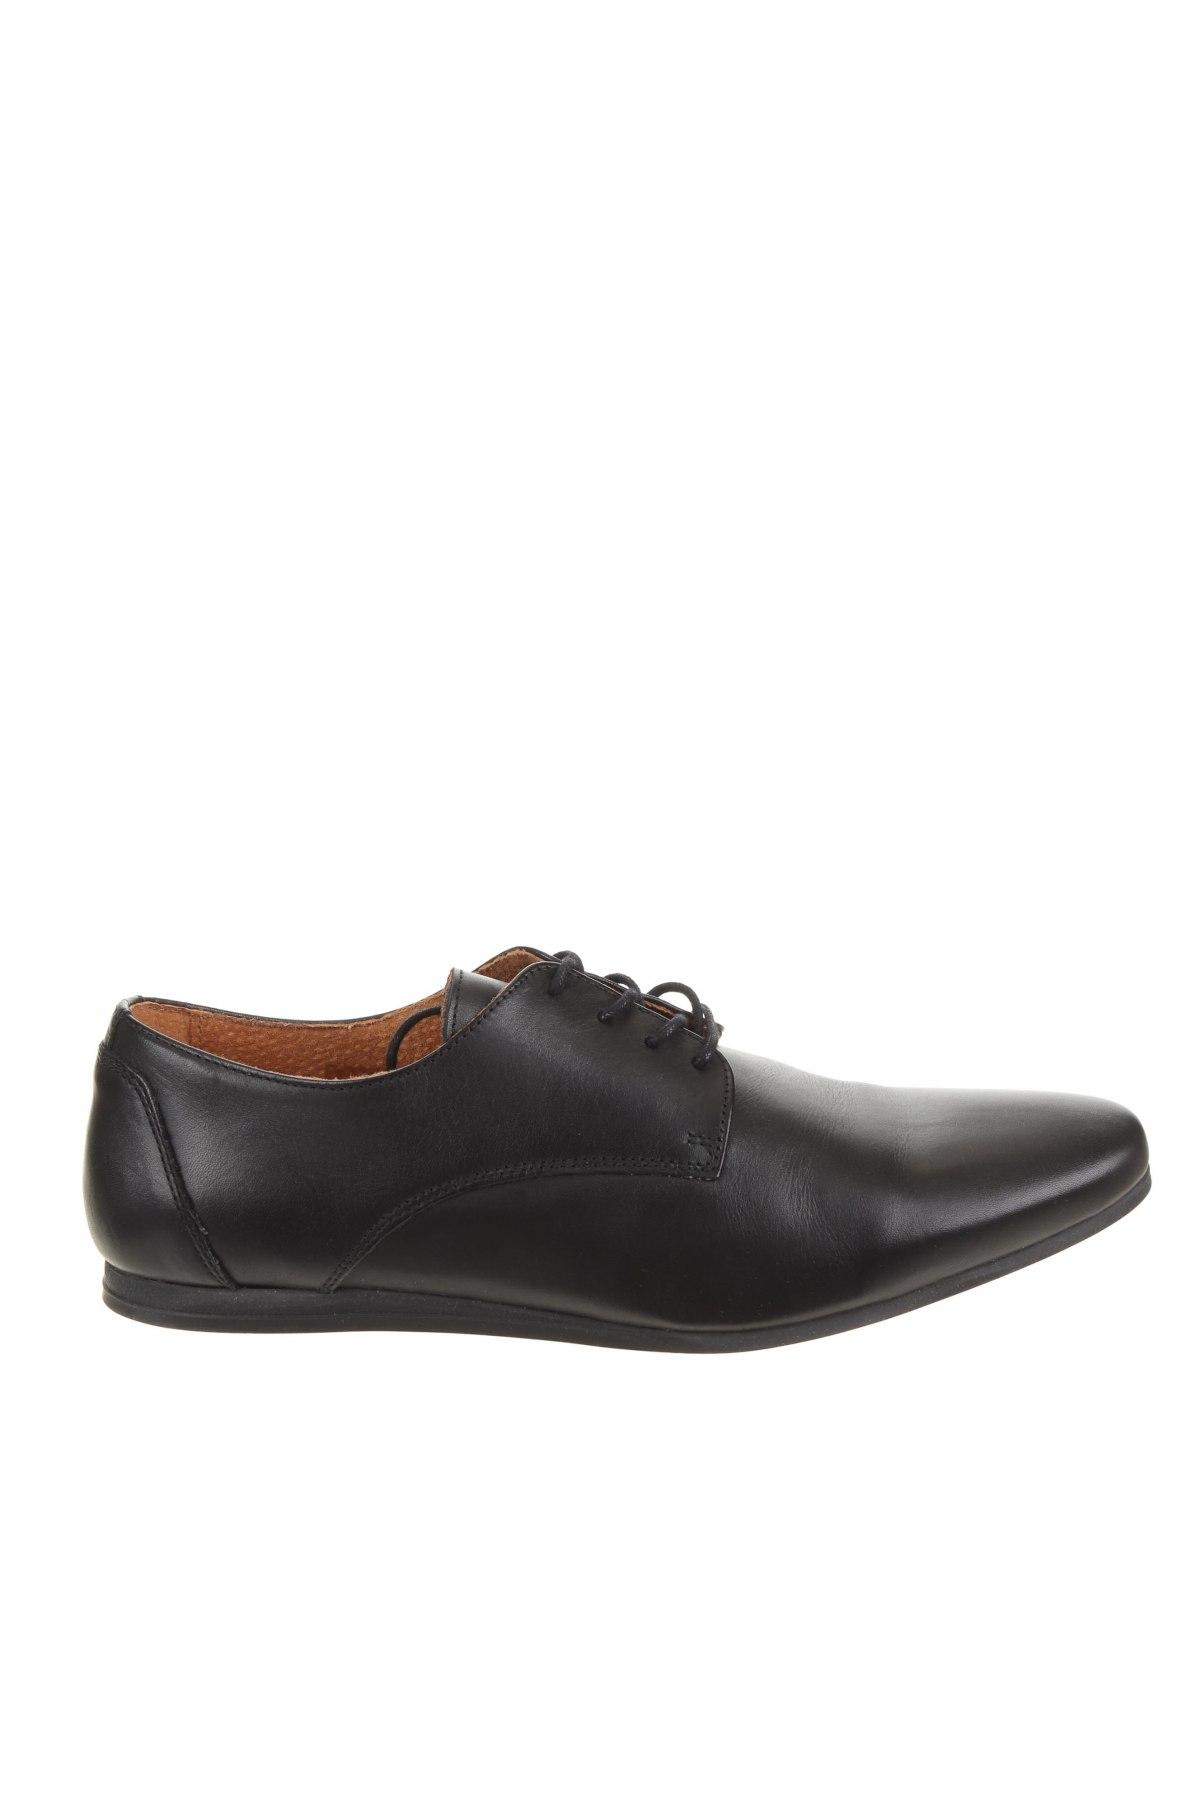 Ανδρικά παπούτσια Zign, Μέγεθος 44, Χρώμα Μαύρο, Γνήσιο δέρμα, Τιμή 49,87€